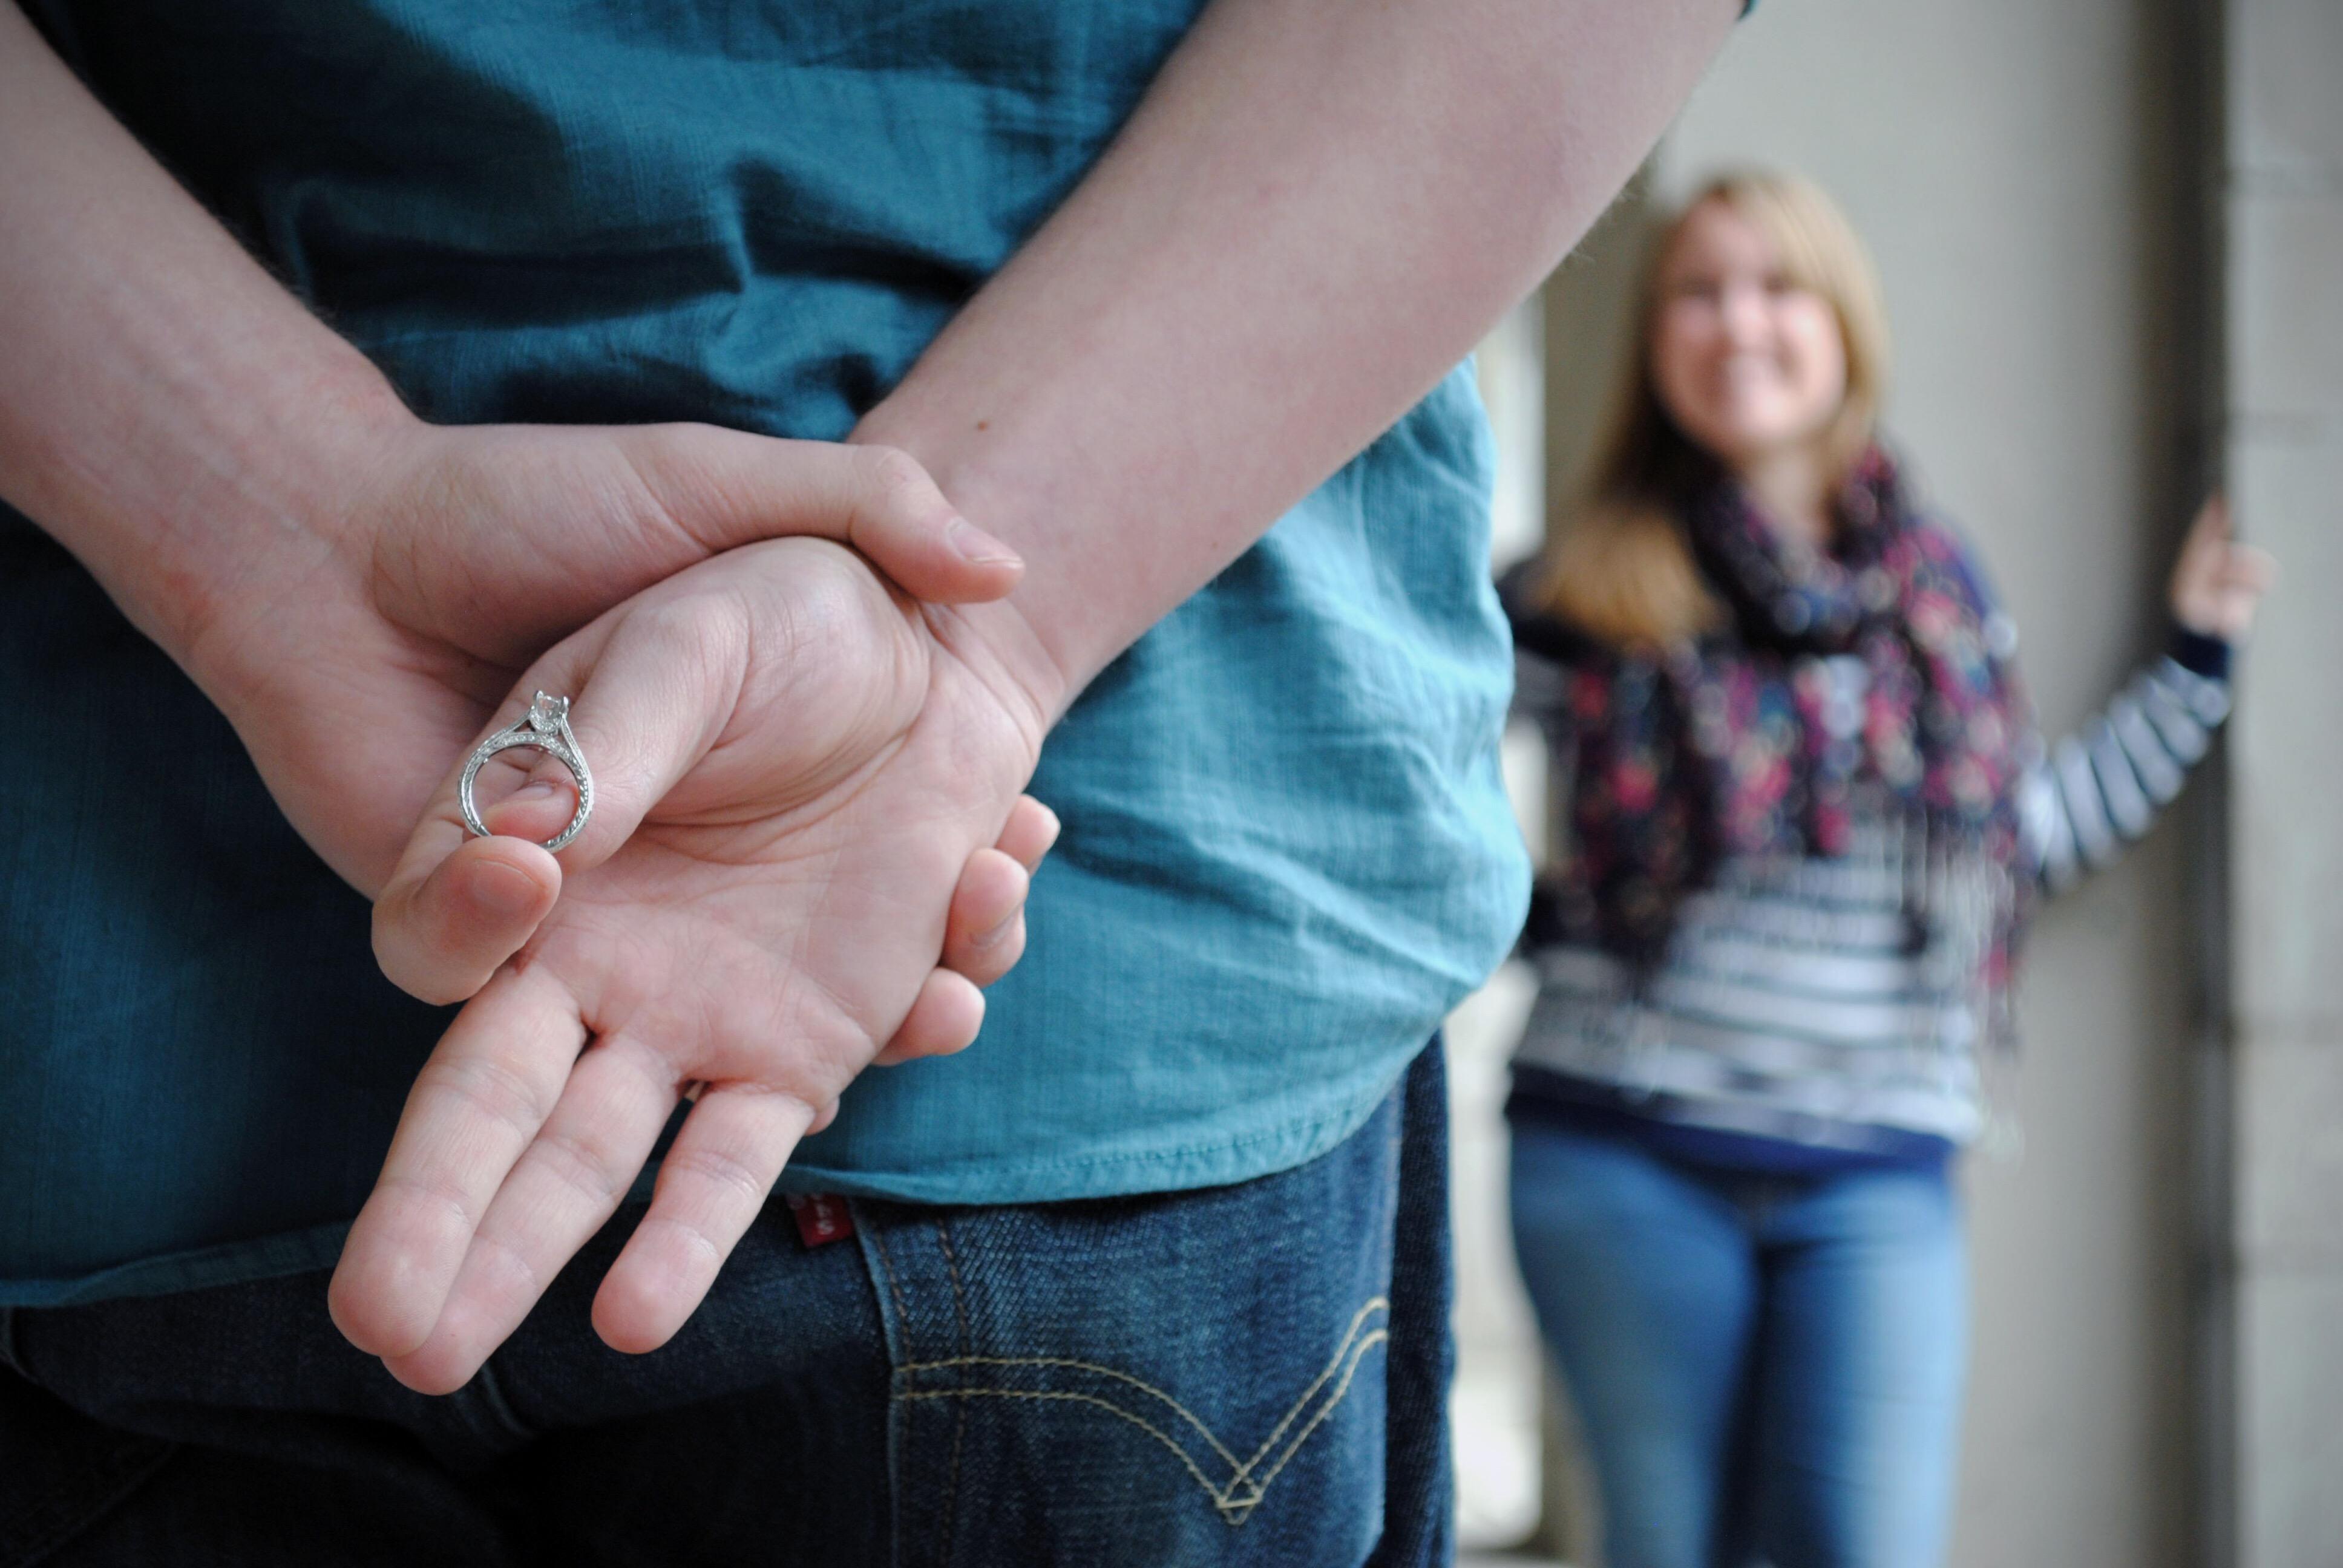 夫 指輪 右手 に を する